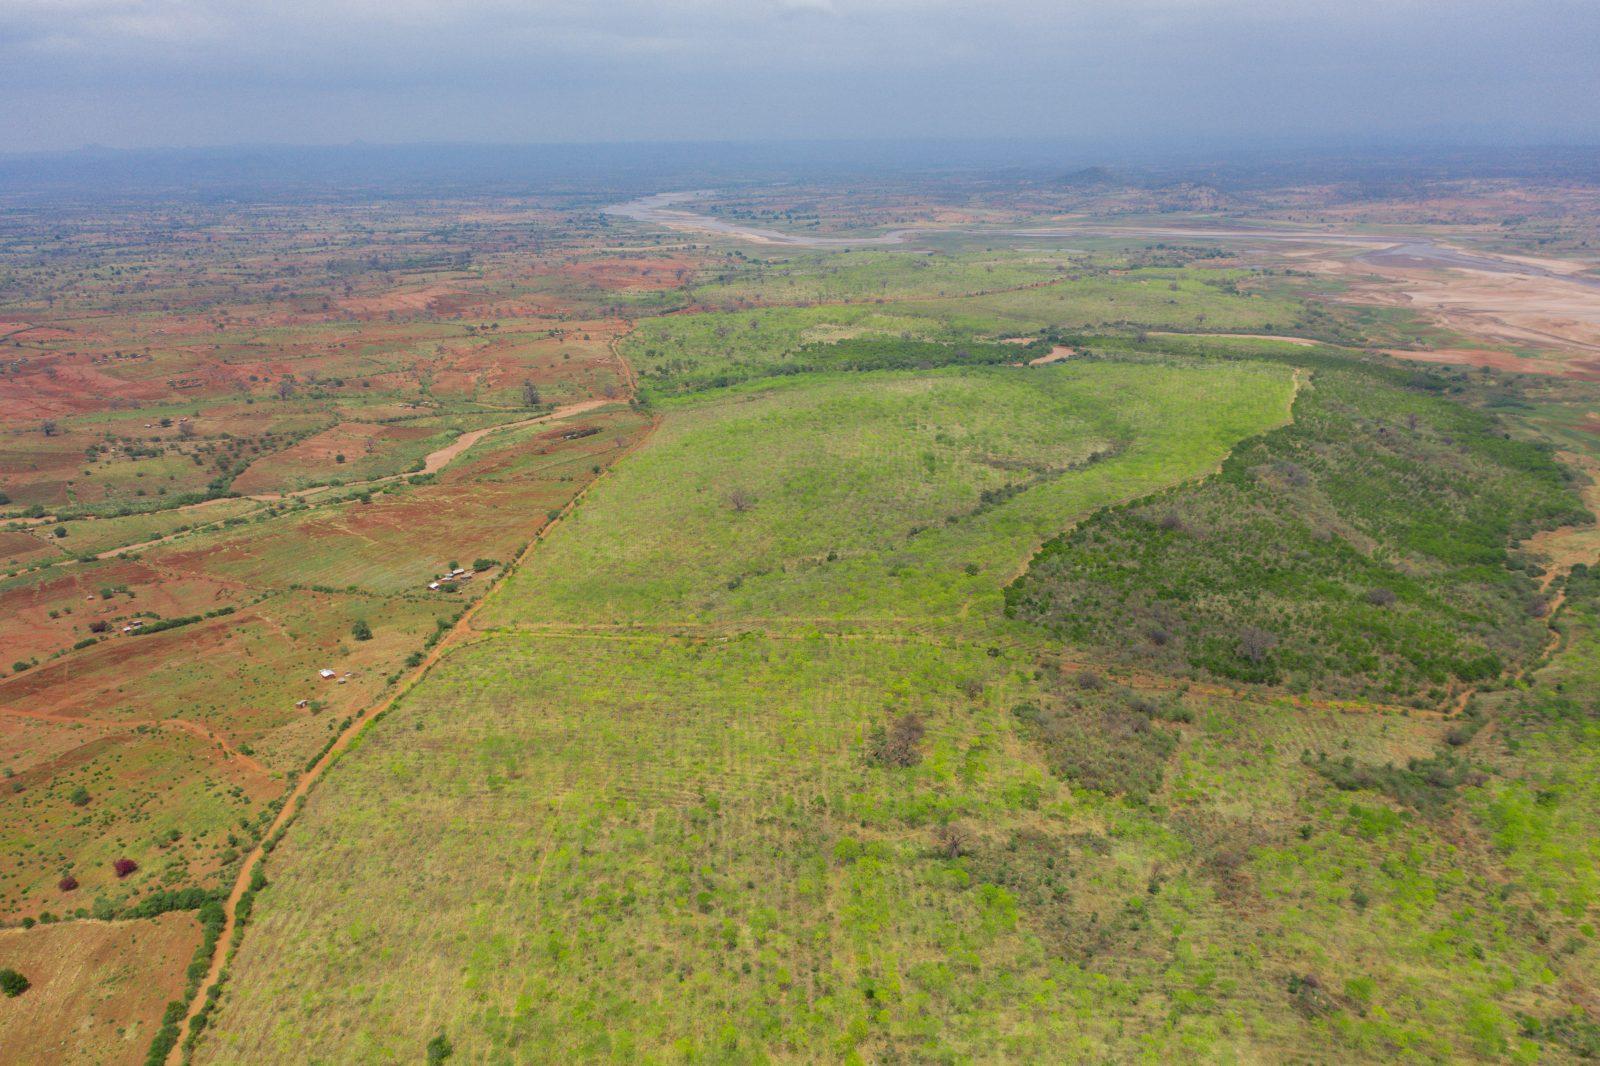 Översiktsbild över Better Globes plantage i Kiambere. Bilden är tagen med vår drönare från ca 270 m höjd i juni 2019.